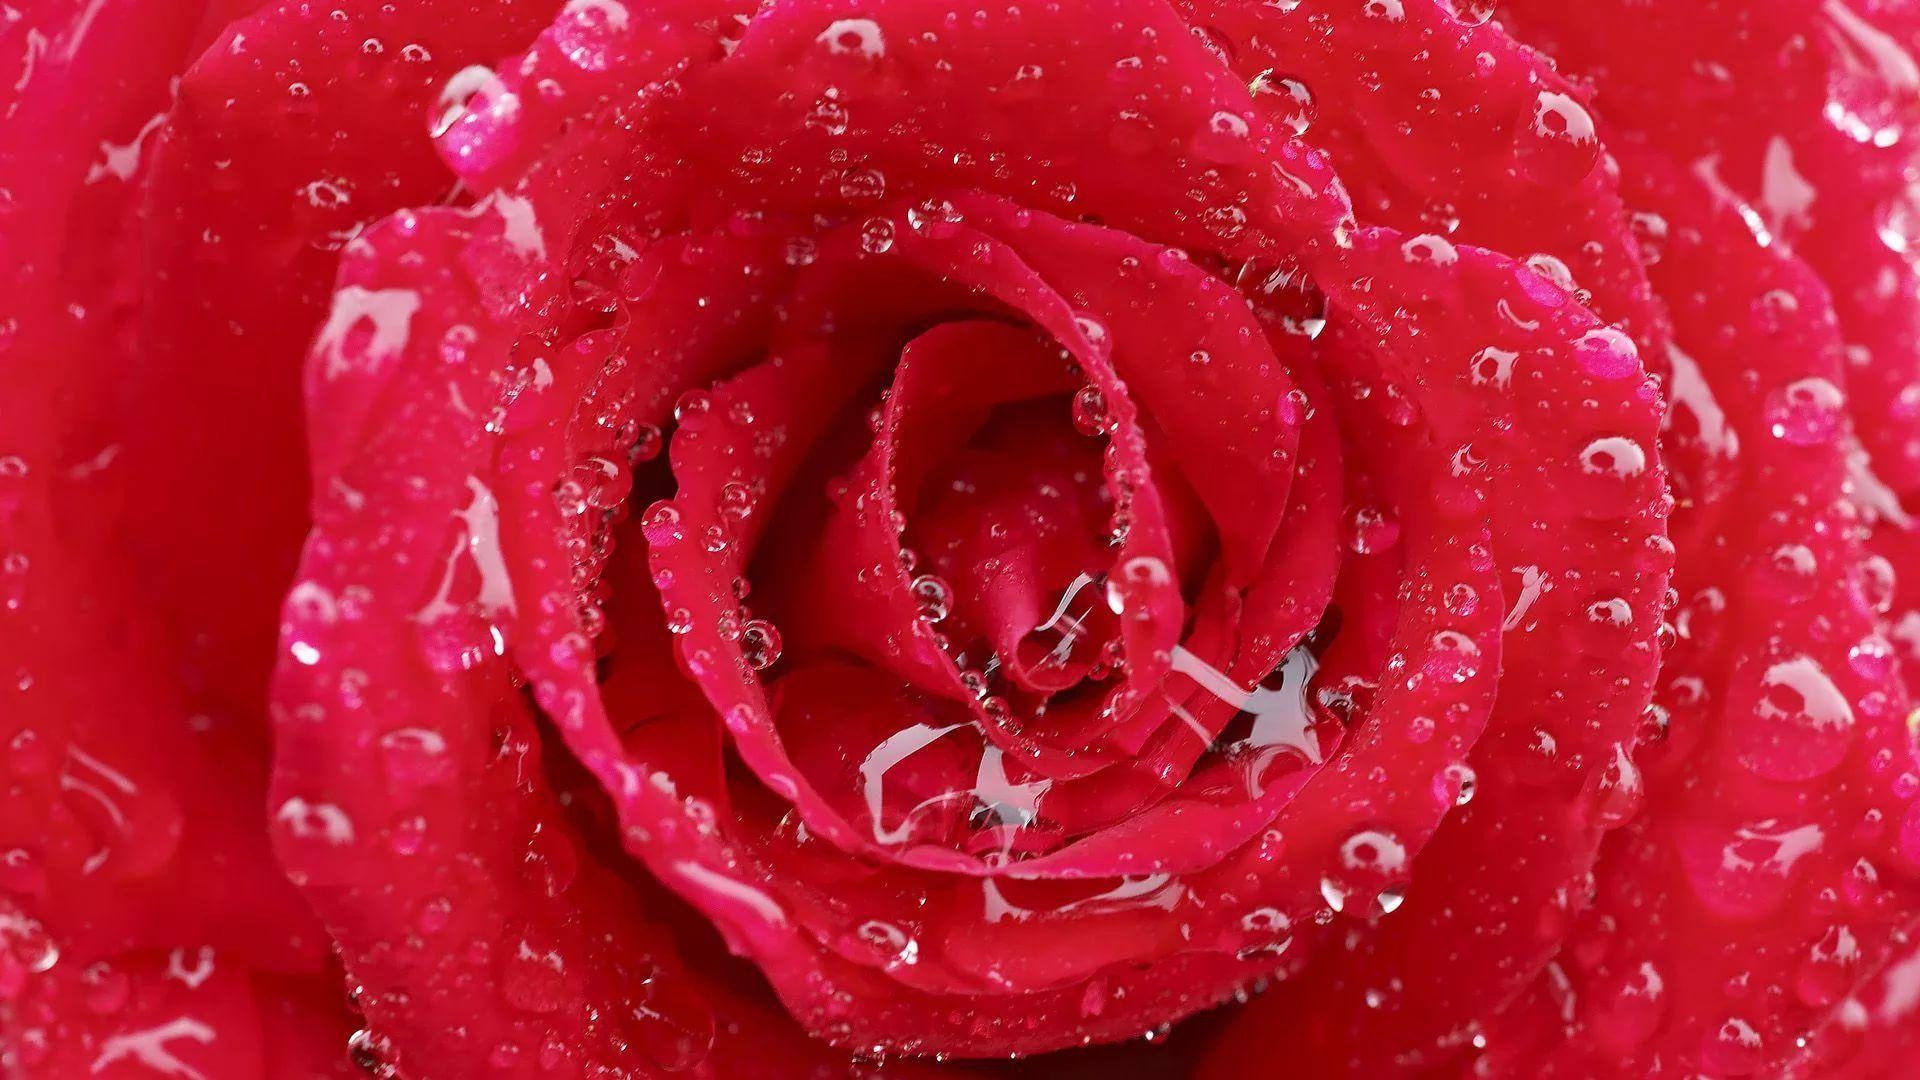 Rose Screensaver Wallpaper Picture